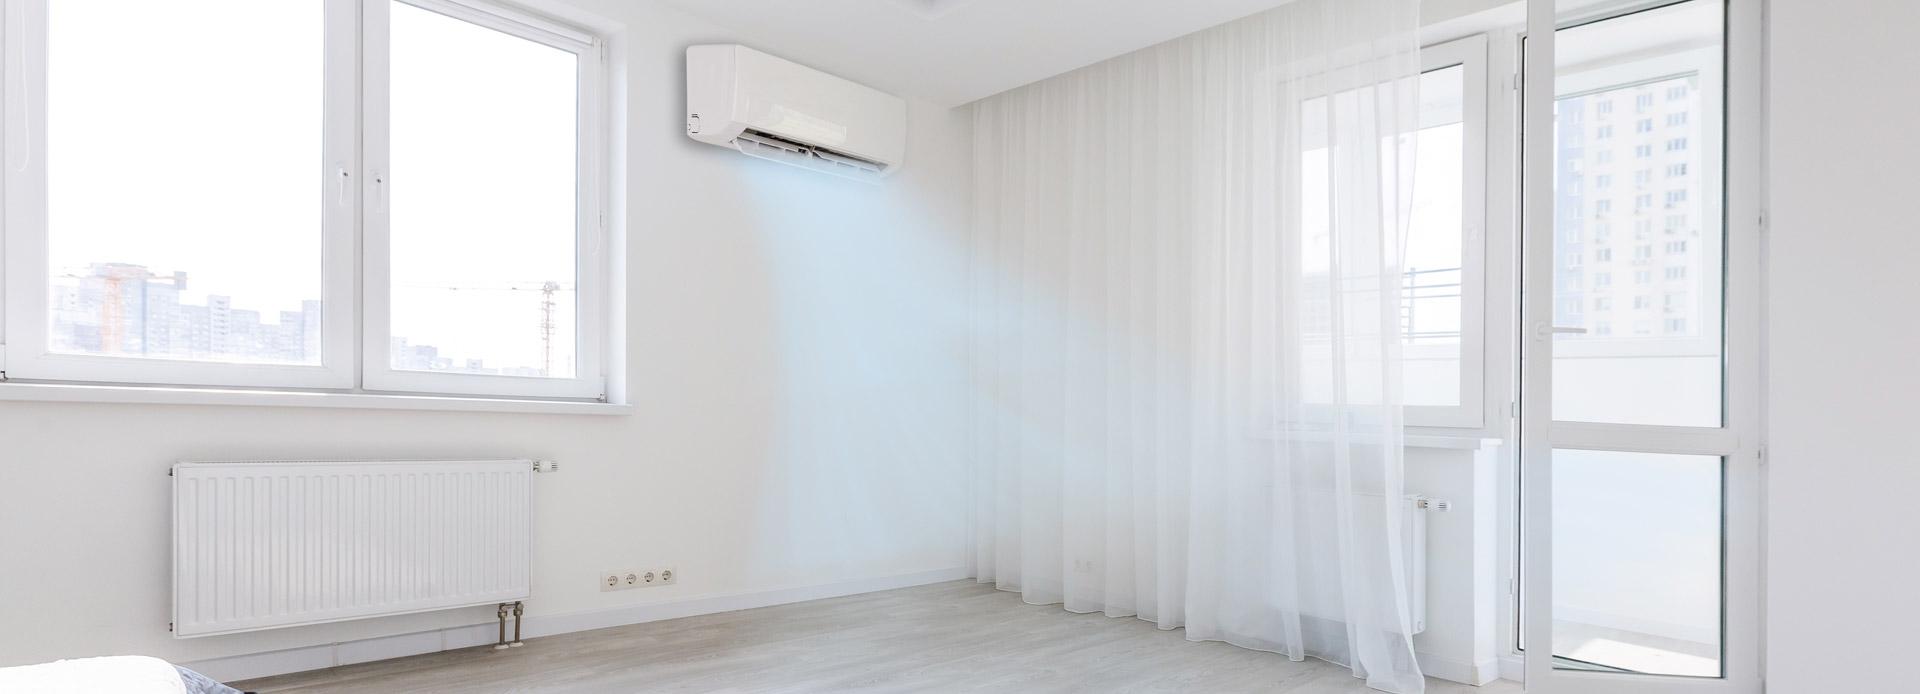 Installateur de chauffage et de climatisation